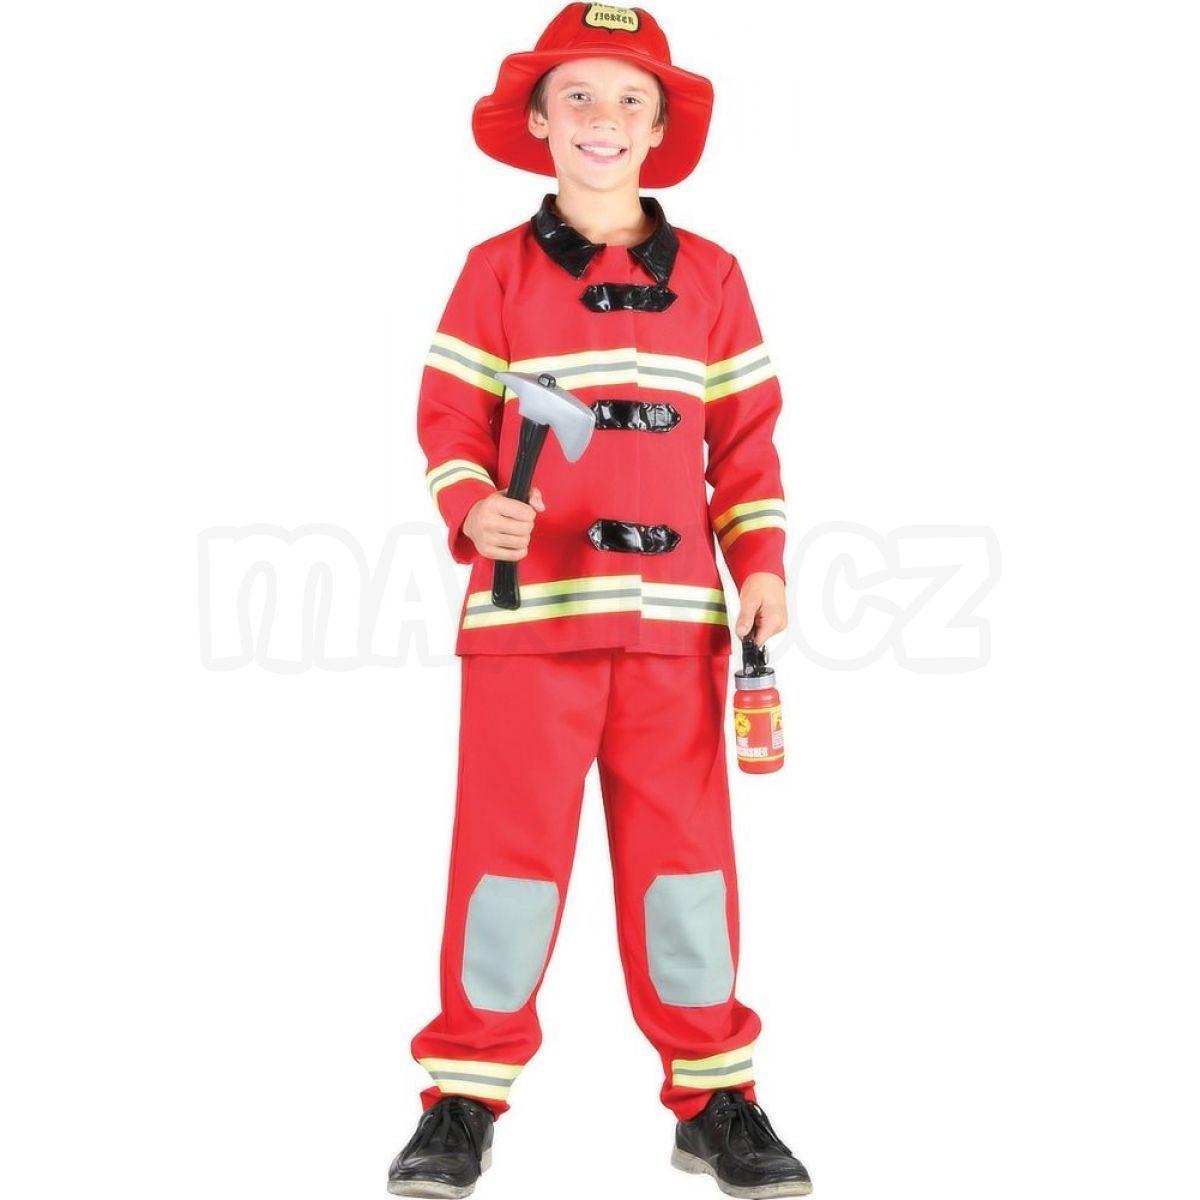 Made Dětský kostým Hasič 120-130 cm  33190c9036f